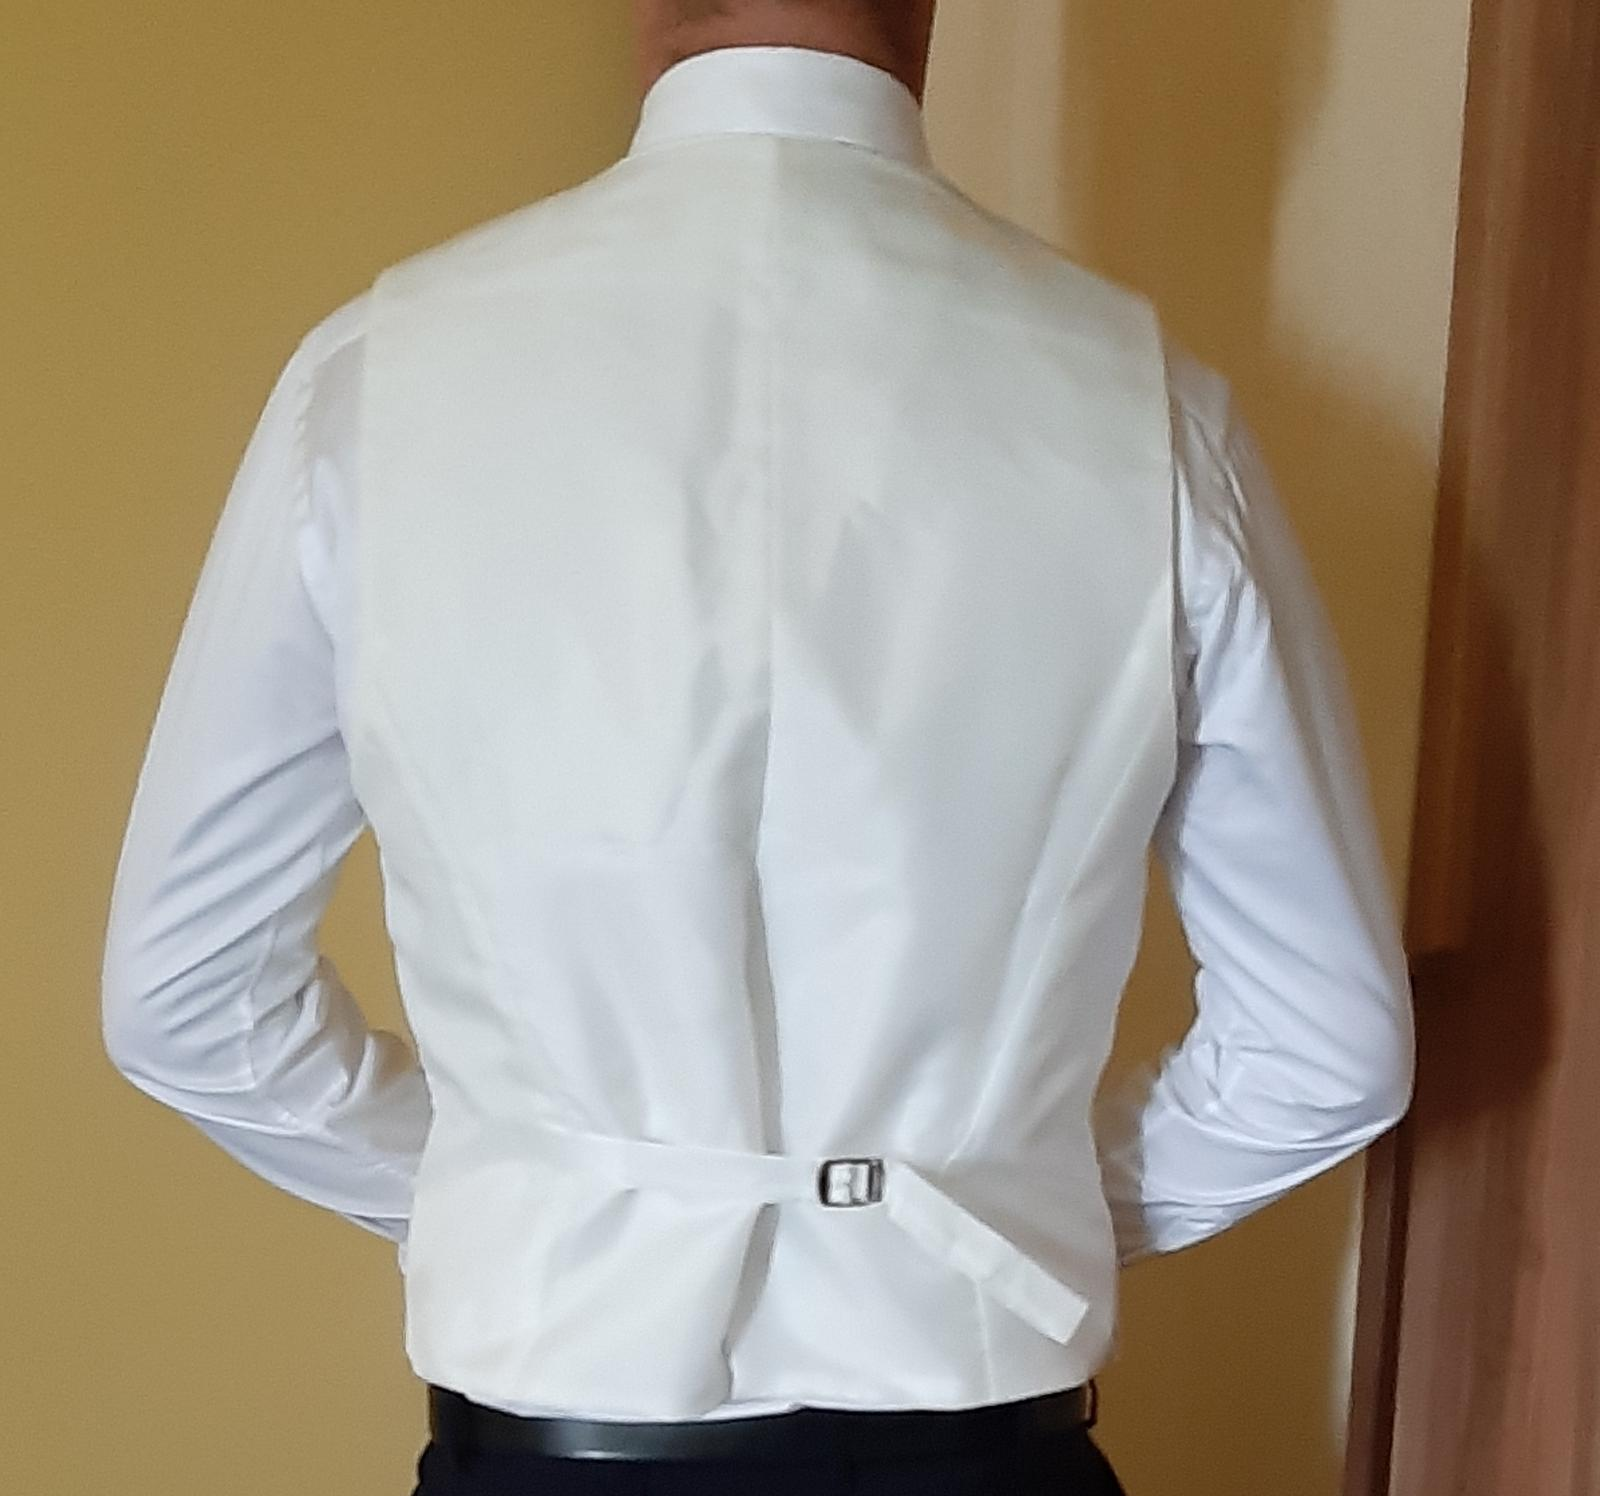 Panska svadobna vesta s kravatou - Obrázok č. 4